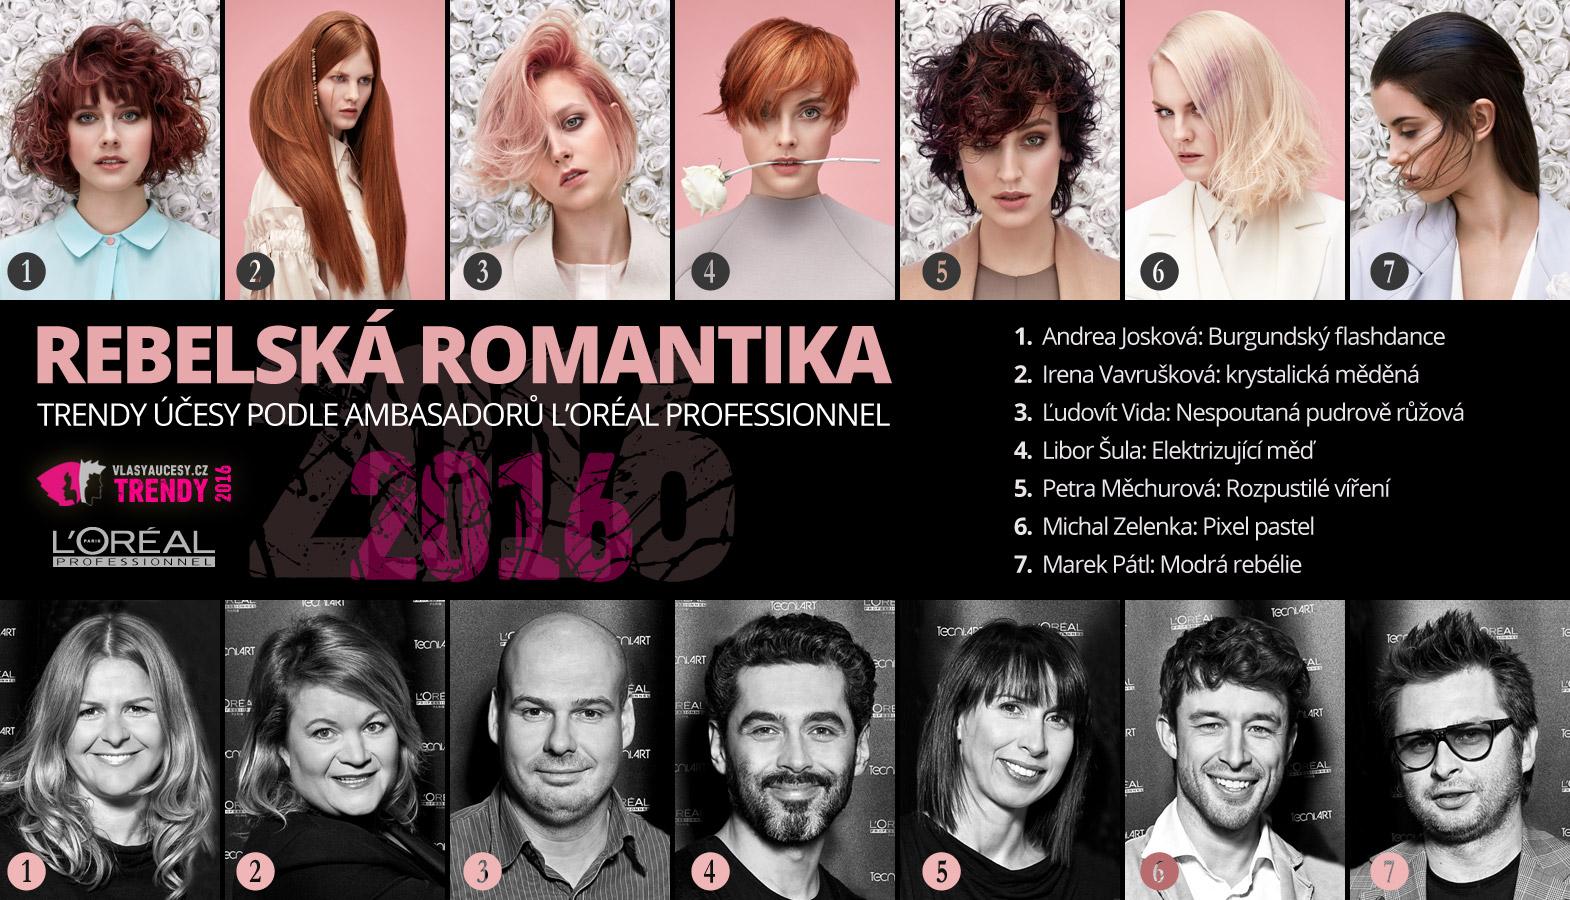 Trendy účesy 2016 podle ambasadorů L'Oréal Professionnel.